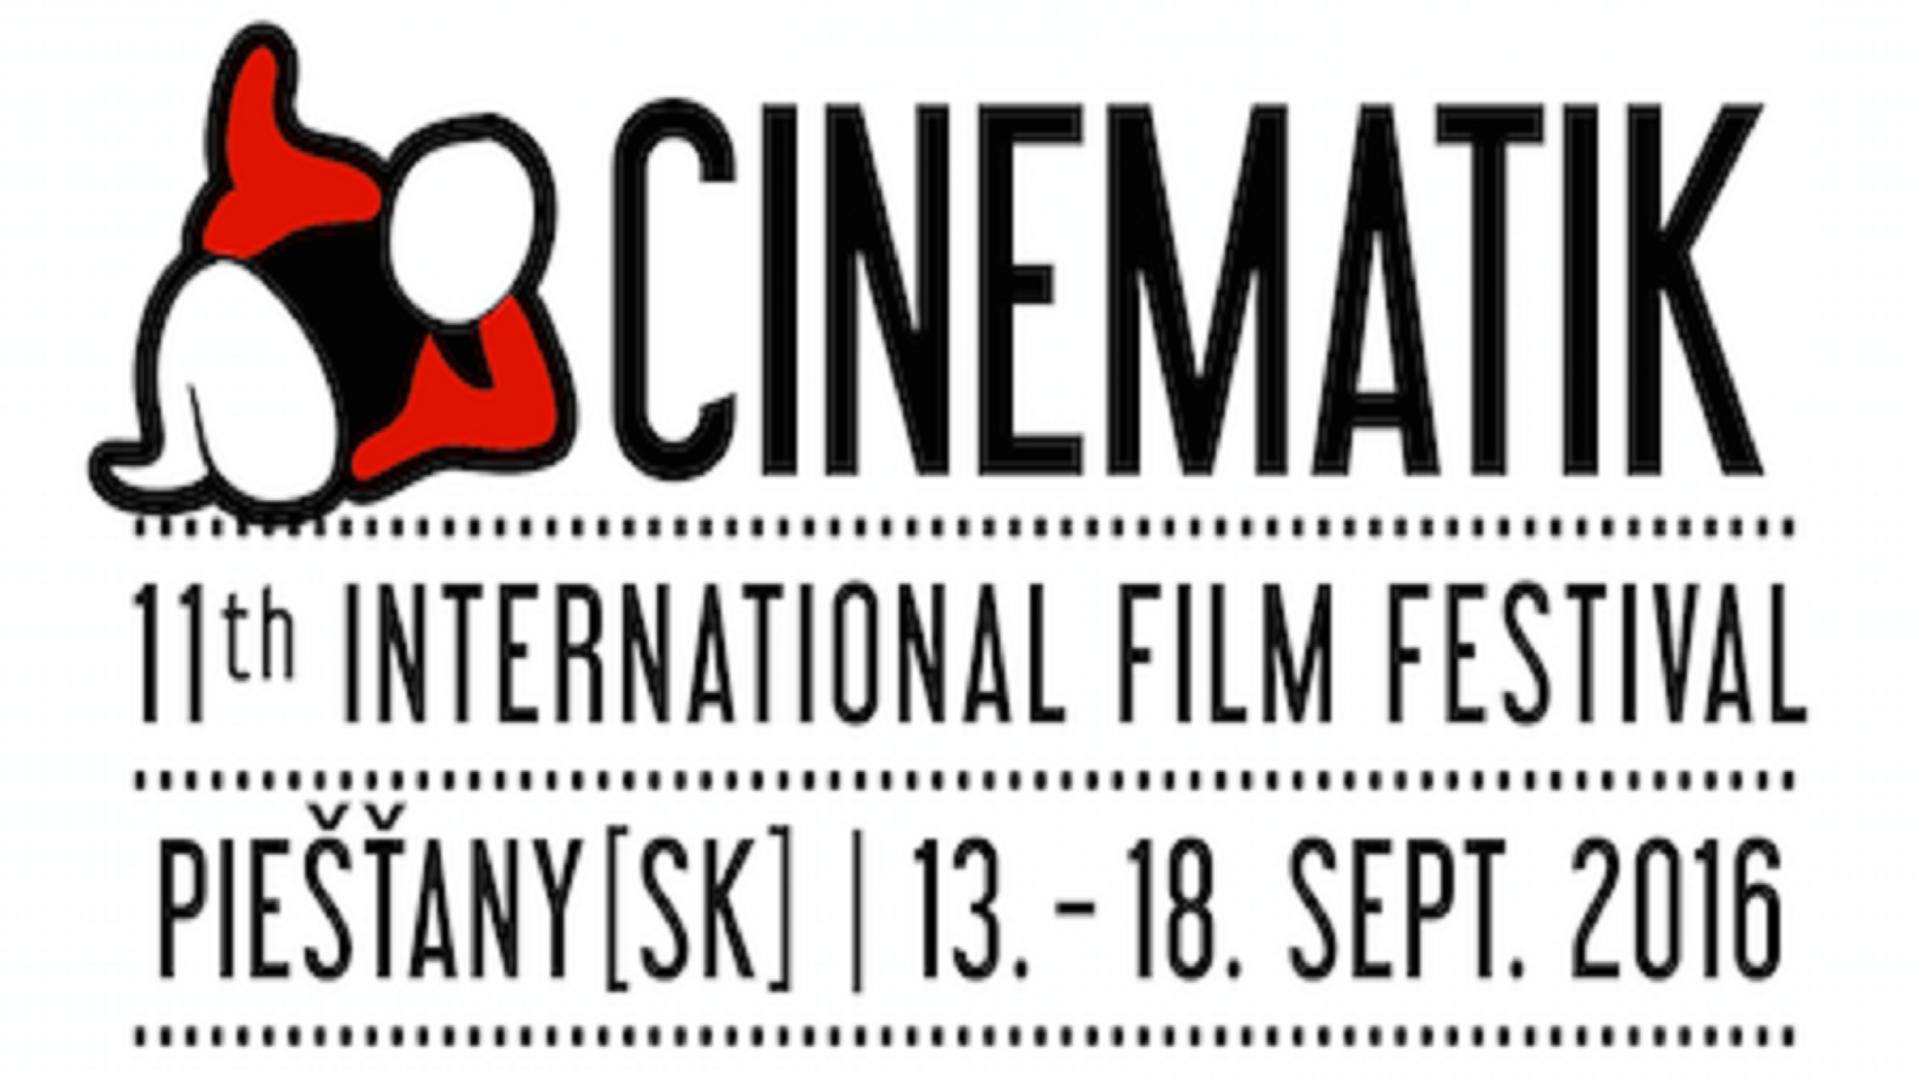 EoF & IFF Cinematik Piestany